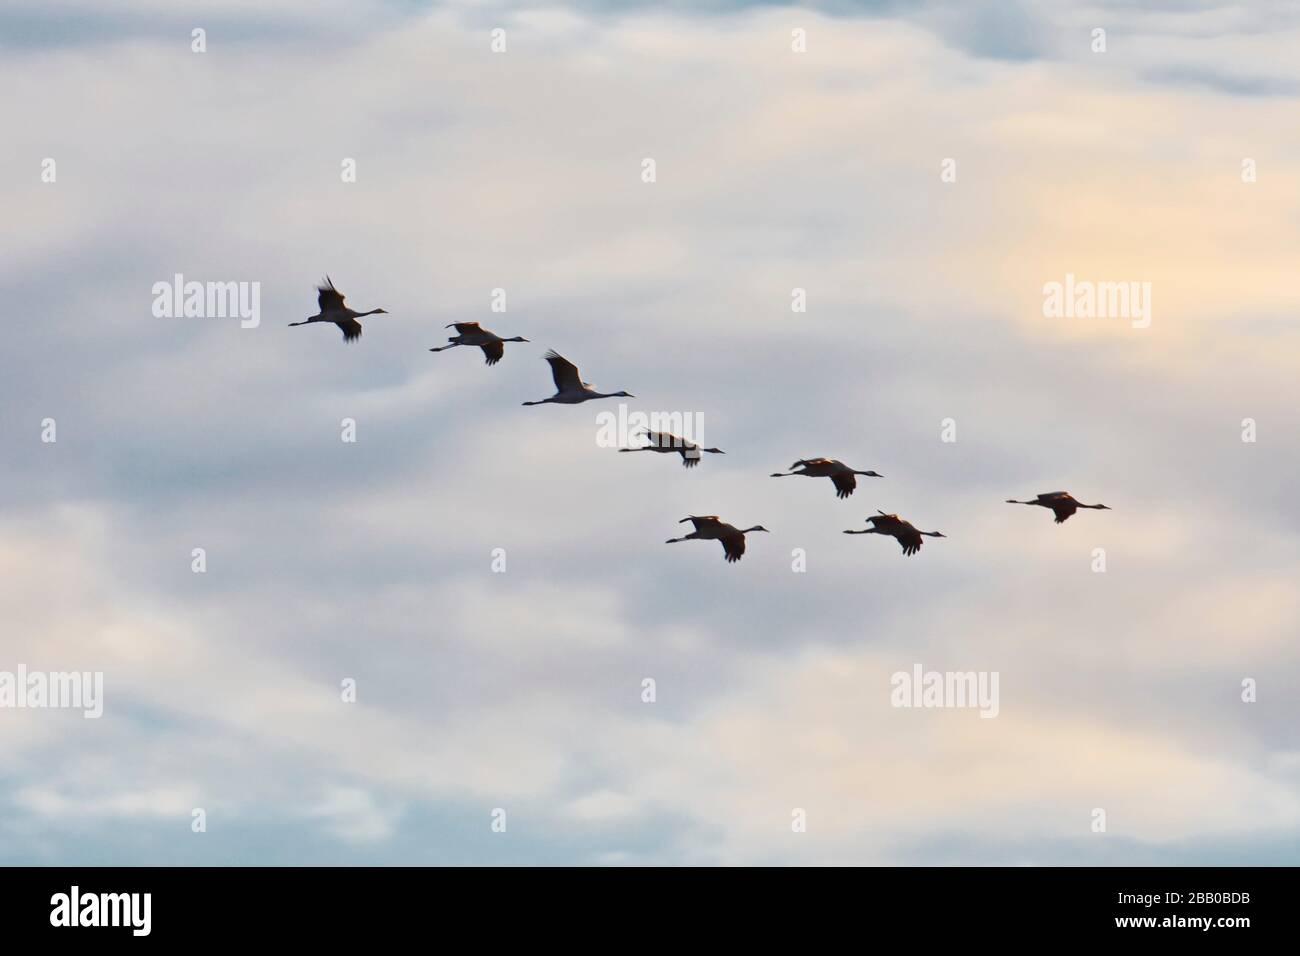 Un troupeau de grues communes (Grus gris) vole en V-formation à travers le ciel bleu peu avant le coucher du soleil. Västernorrland, Suède, Europe Banque D'Images